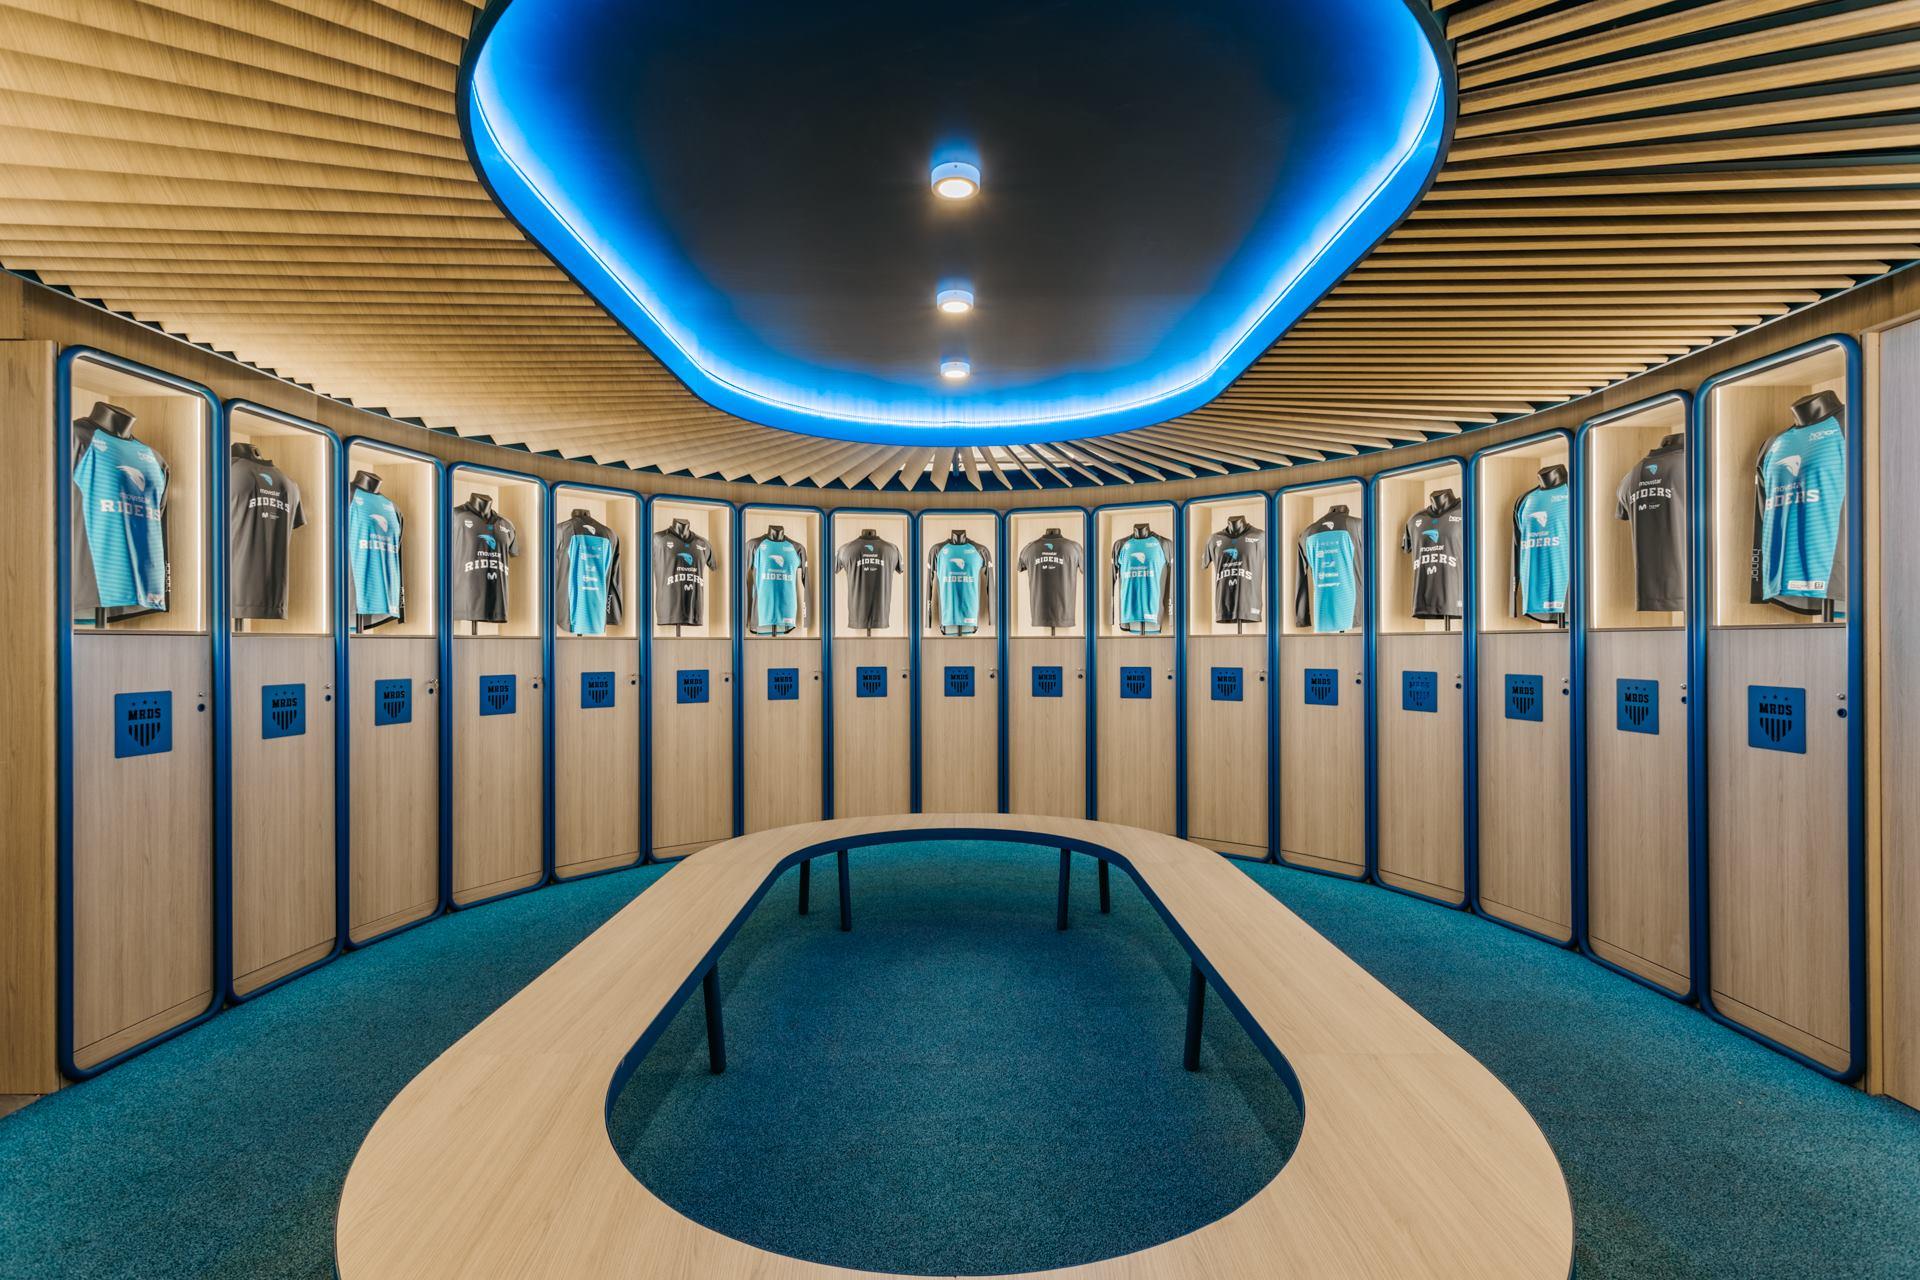 Movistar Esports Center abre sus puertas como la mayor ciudad deportiva de esports